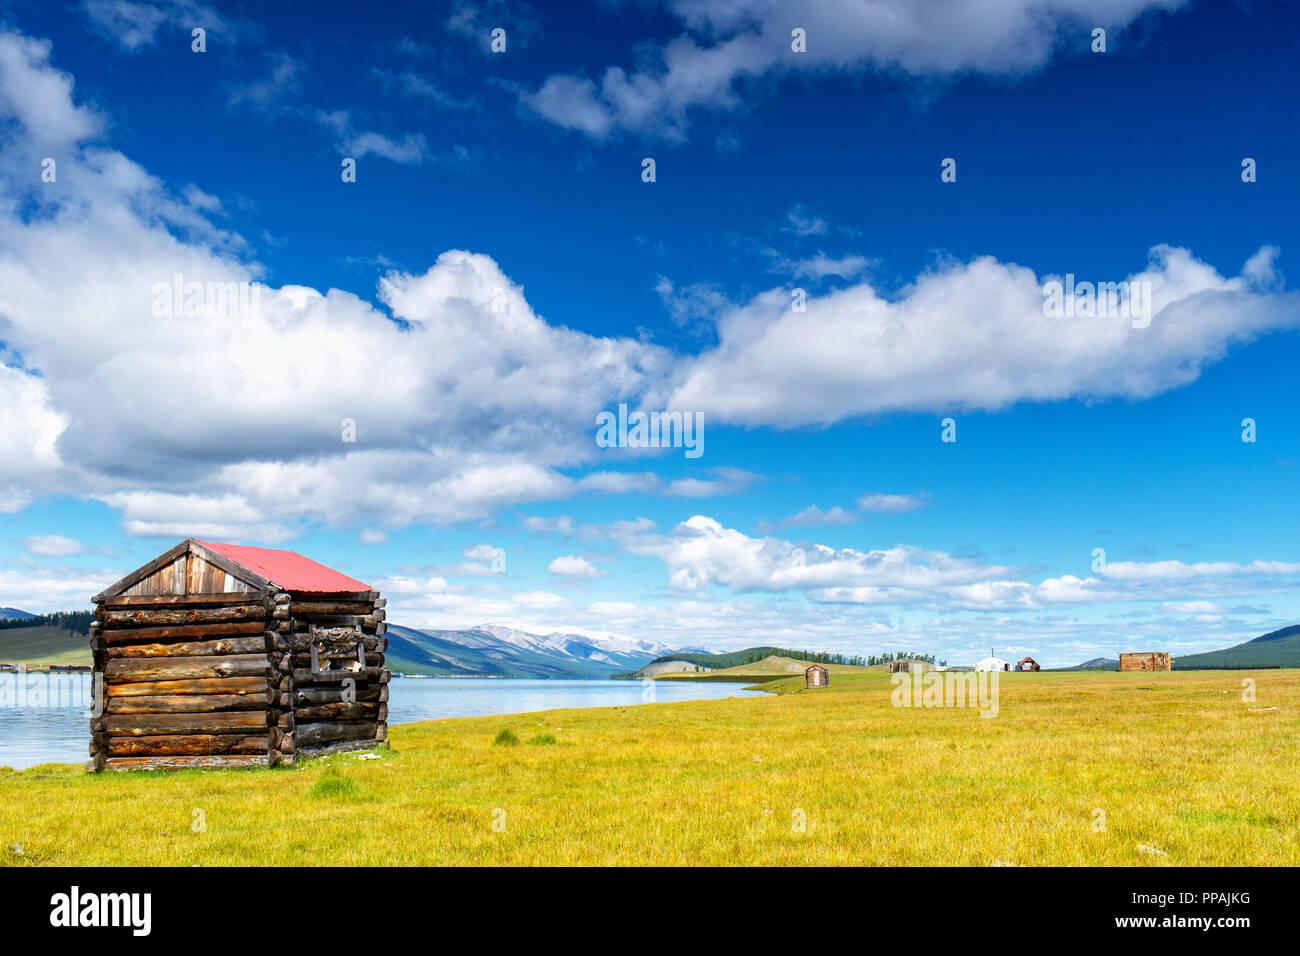 Petite hutte et d'un engrenage au lac Khövsgöl shore, Khatgal, Mongolie Banque D'Images